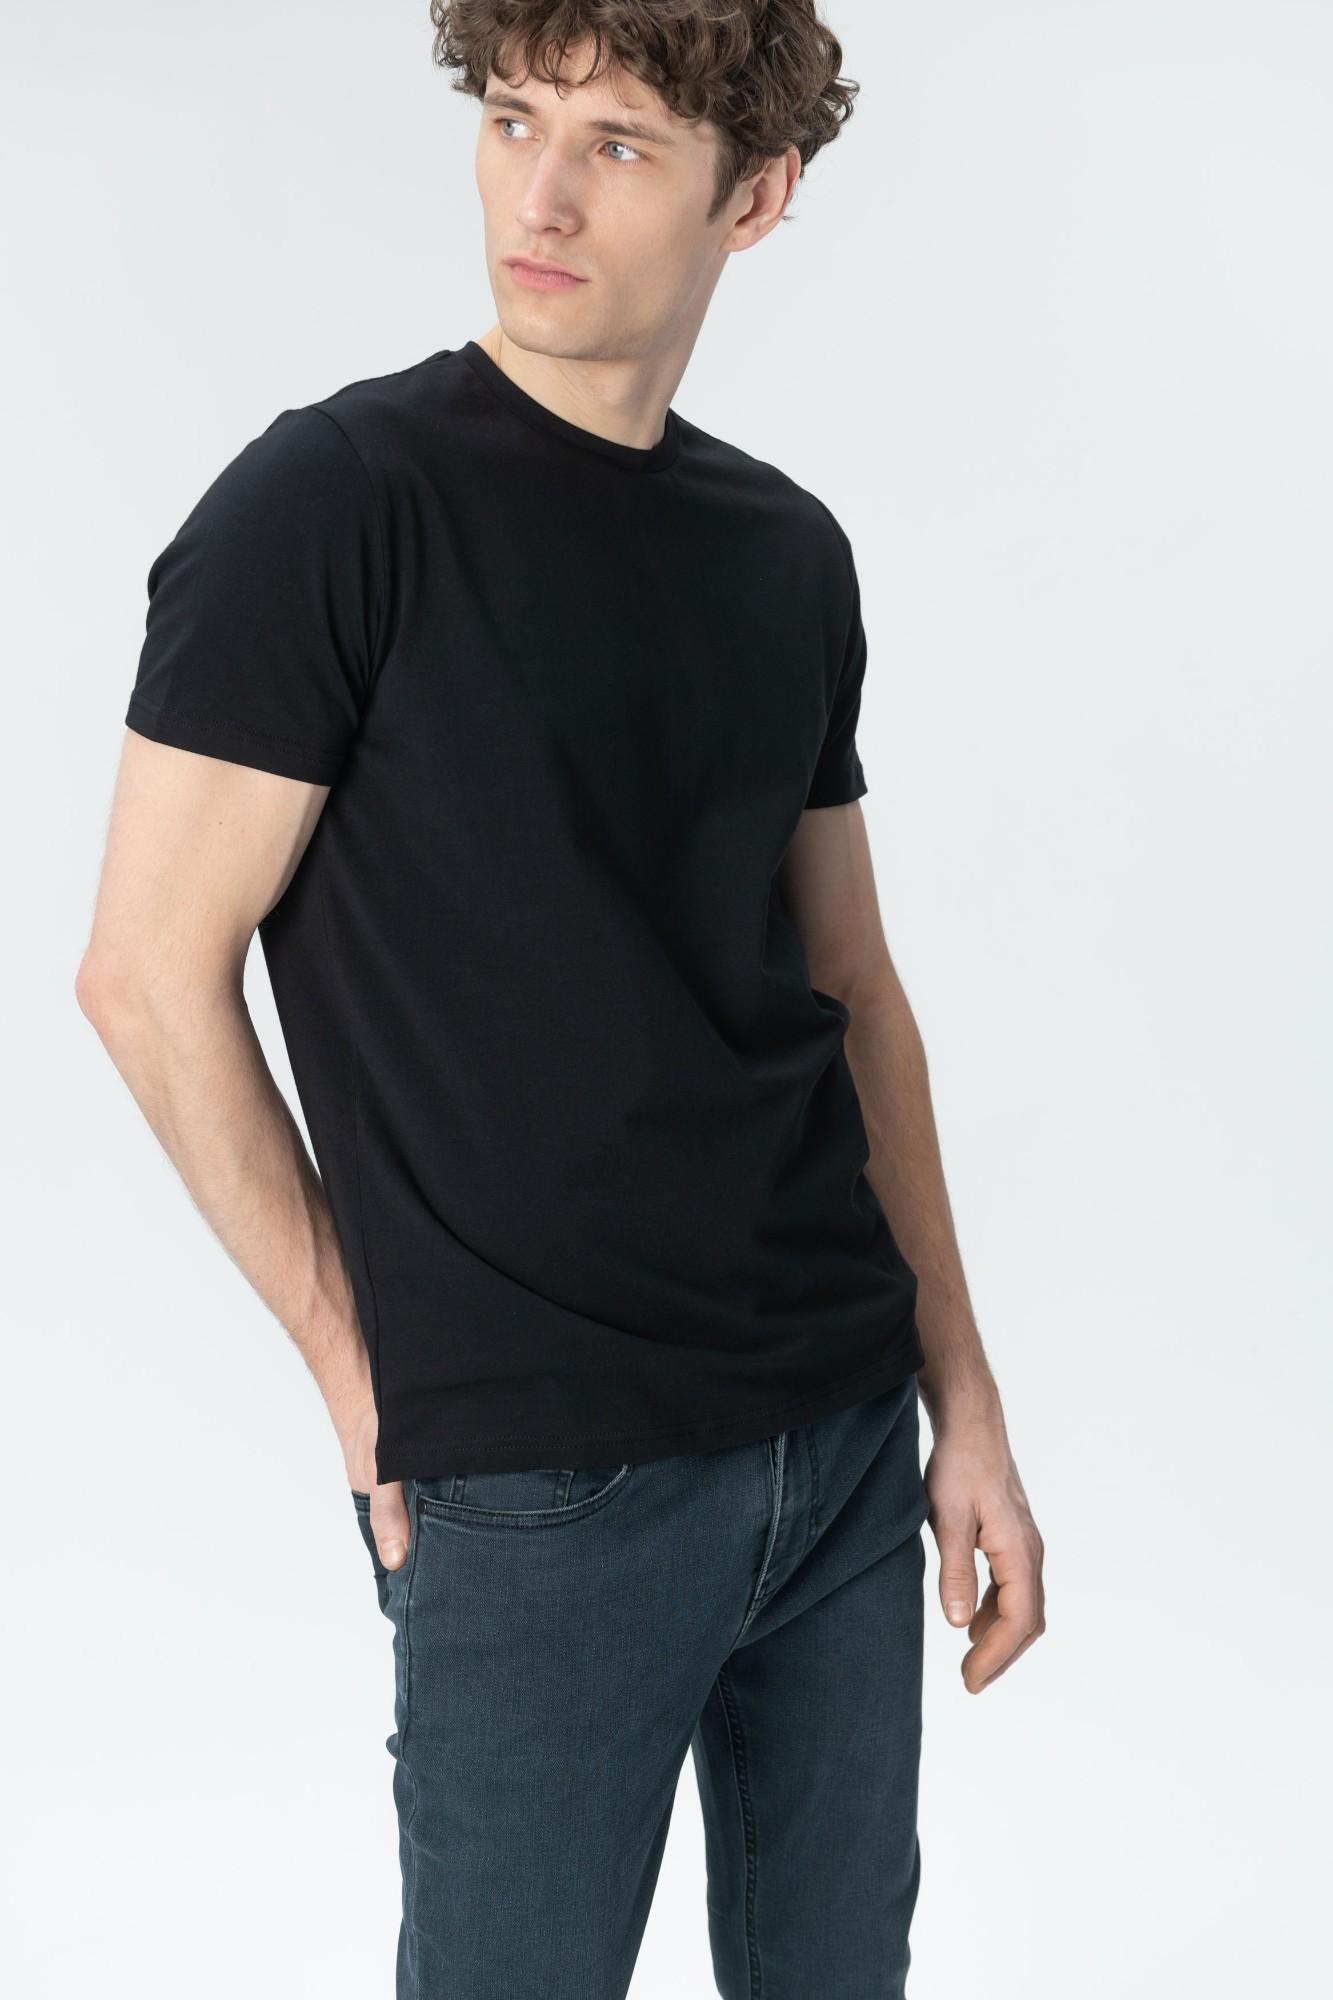 AUDIMAS Tamprūs medvilniniai marškinėliai 2011-472 Black M